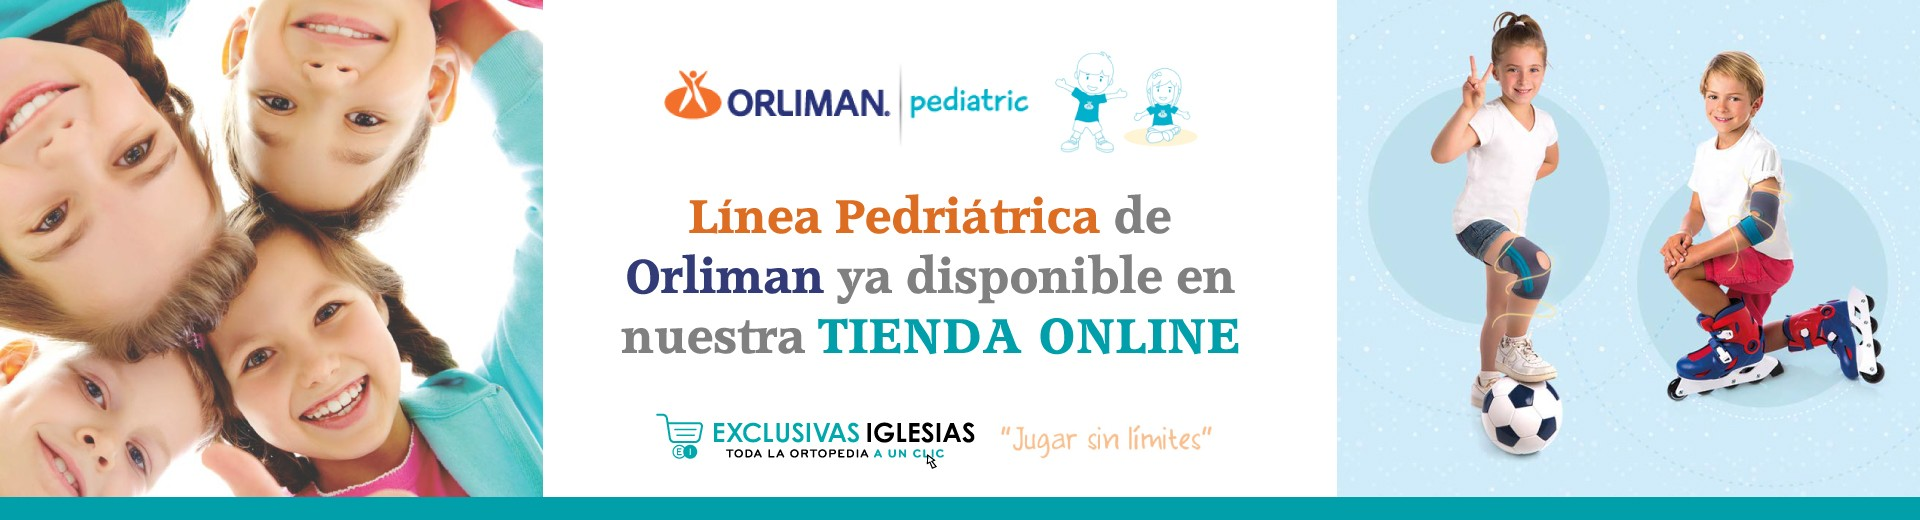 Linea Pediatric de Orliman ya disponible en nuestra TIENDA ONLINE